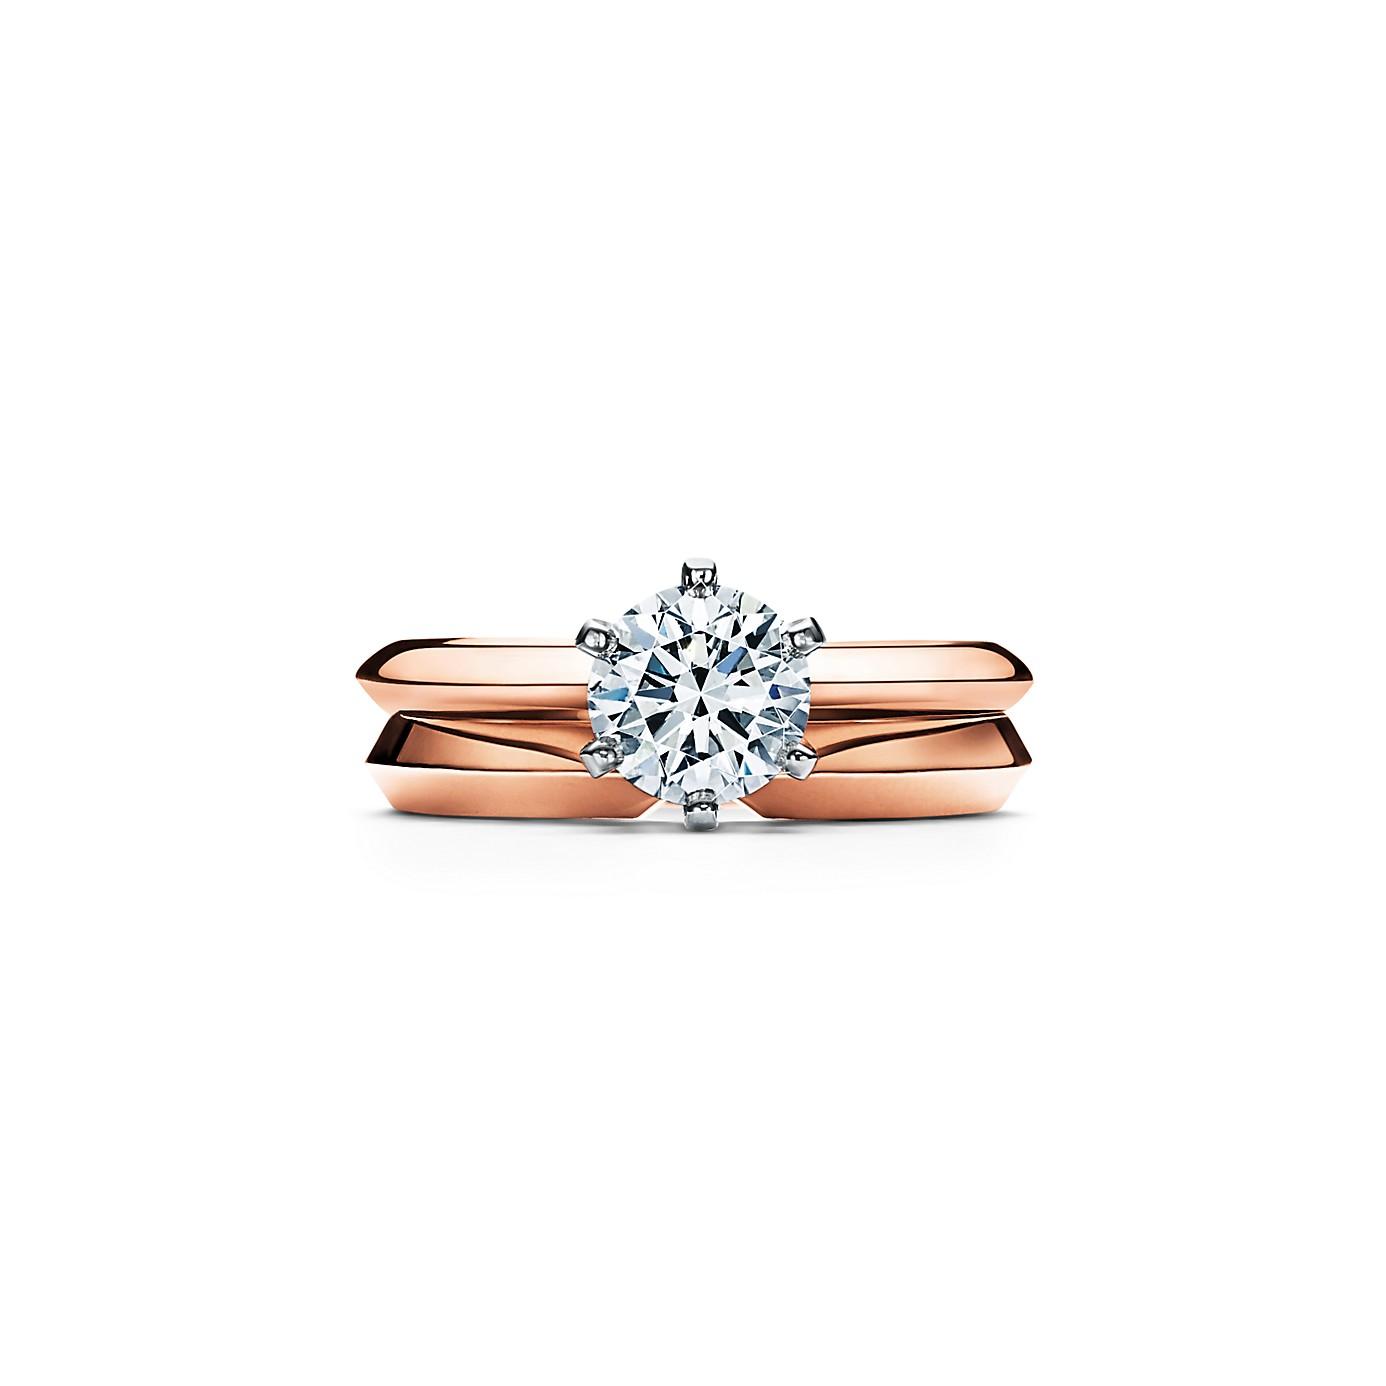 ティファニー セッティング エンゲージメント リング(3)―Tiffany & Co.(ティファニー)